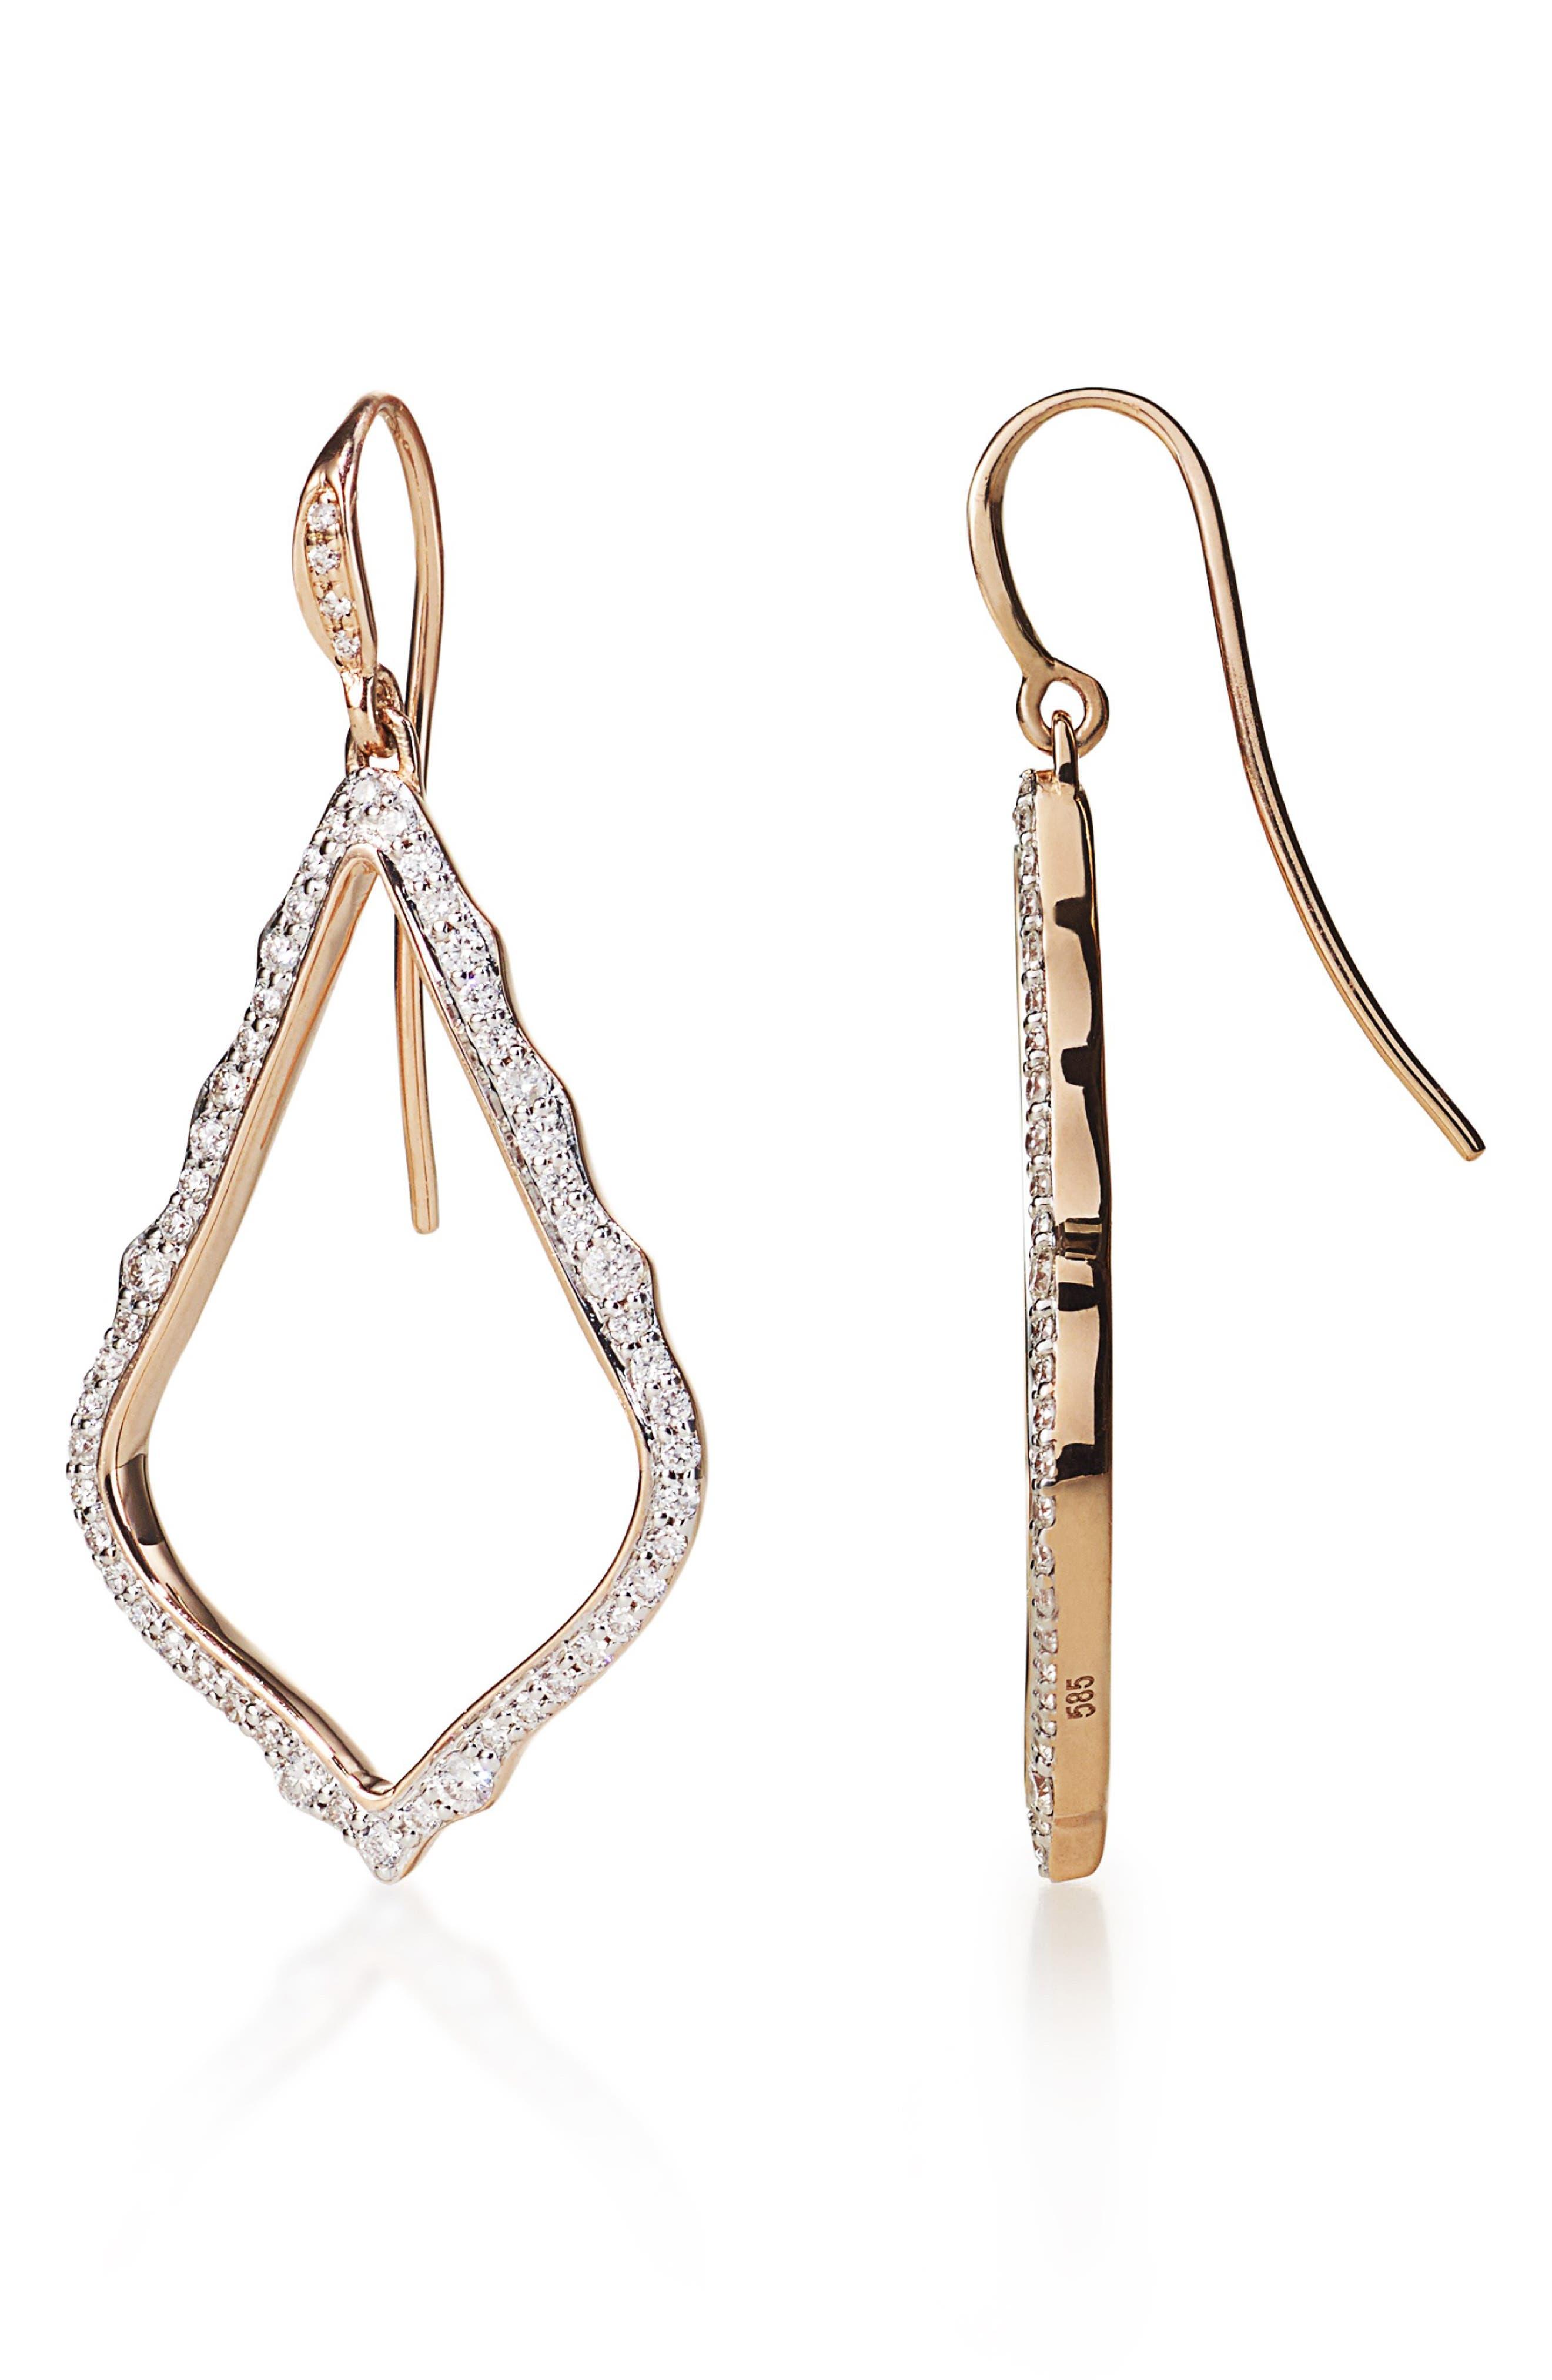 KENDRA SCOTT,                             Sophia Diamond & Rose Gold Drop Earrings,                             Alternate thumbnail 2, color,                             14K RSG WHITE DIAMOND